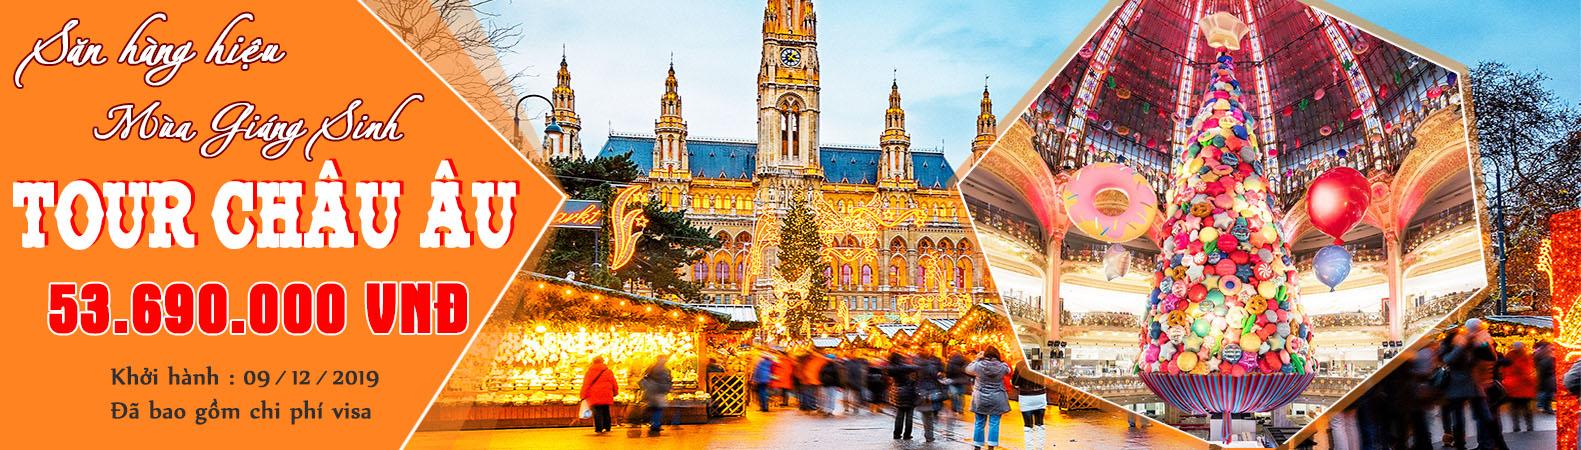 Tour du lịch châu Âu trọn gói